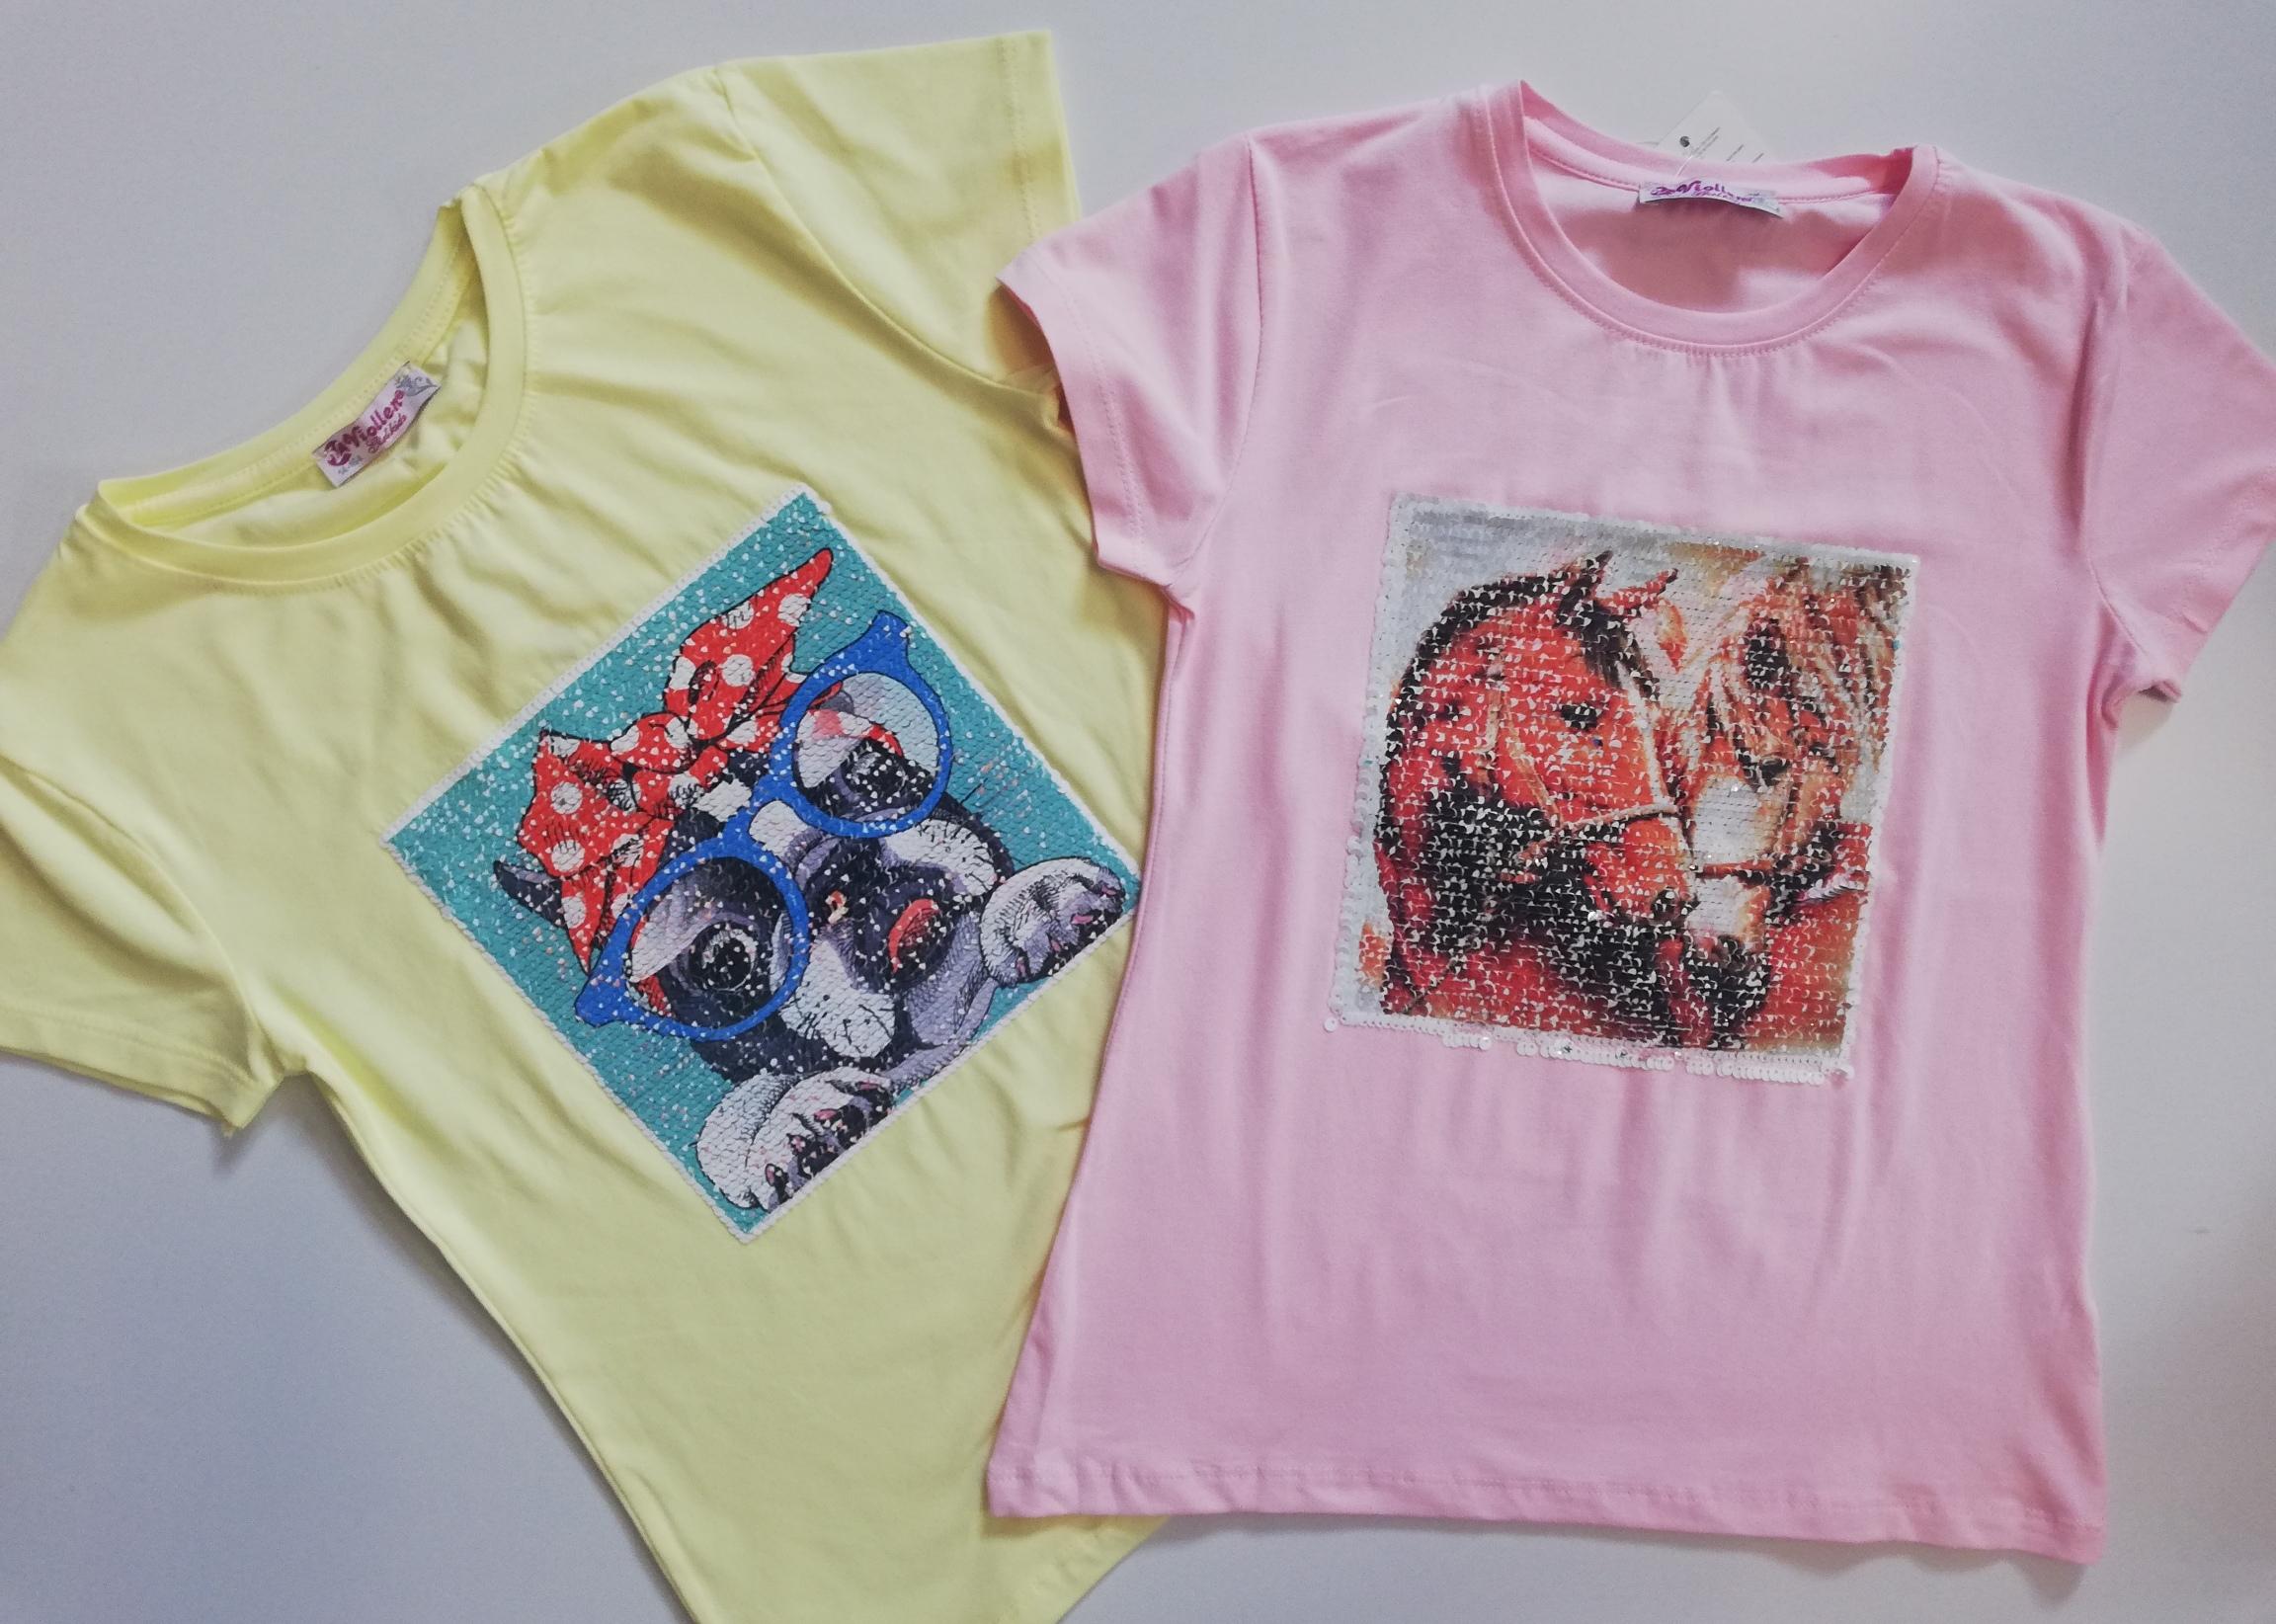 6f0bafc00d75 Dívčí tričko velikosti 128 až 164